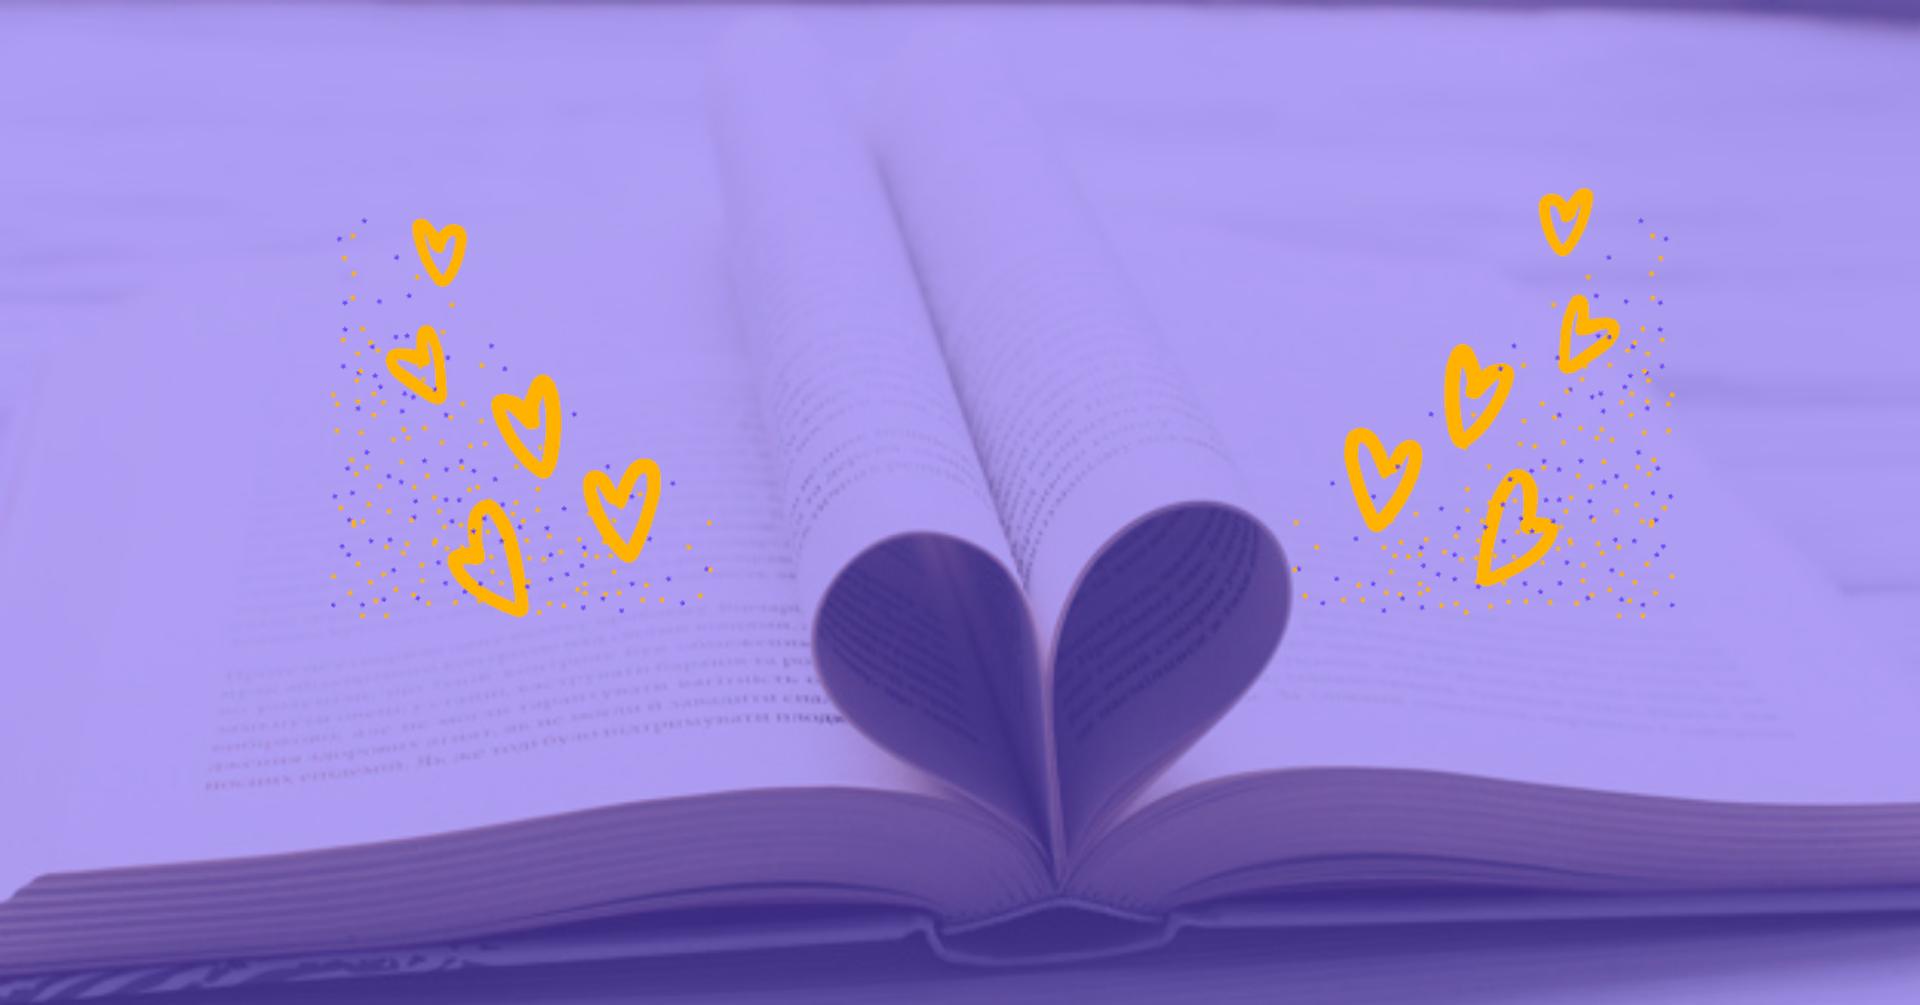 Descubre qué es la poesía y déjate envolver por su magia